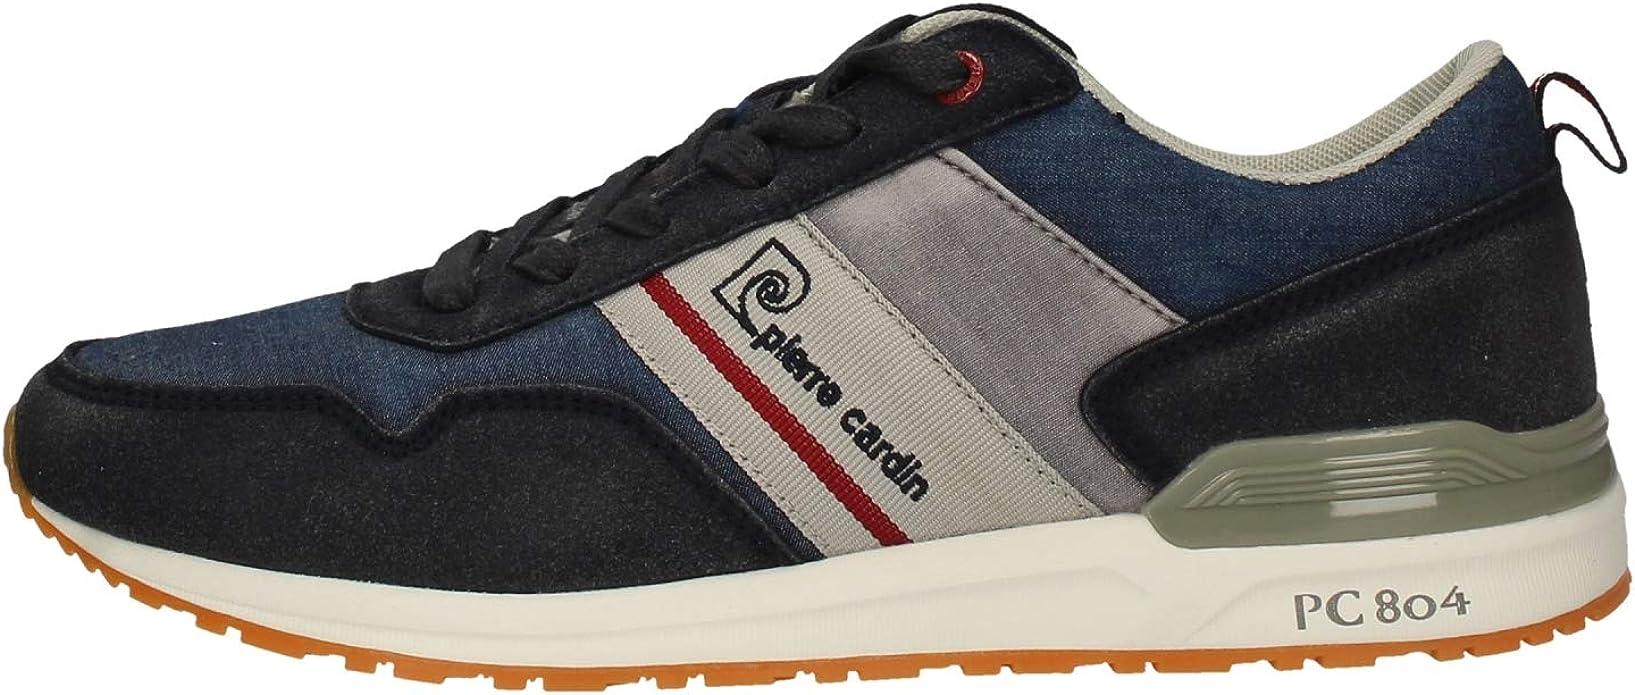 Pierre Cardin PC804 Sneakers Man 42